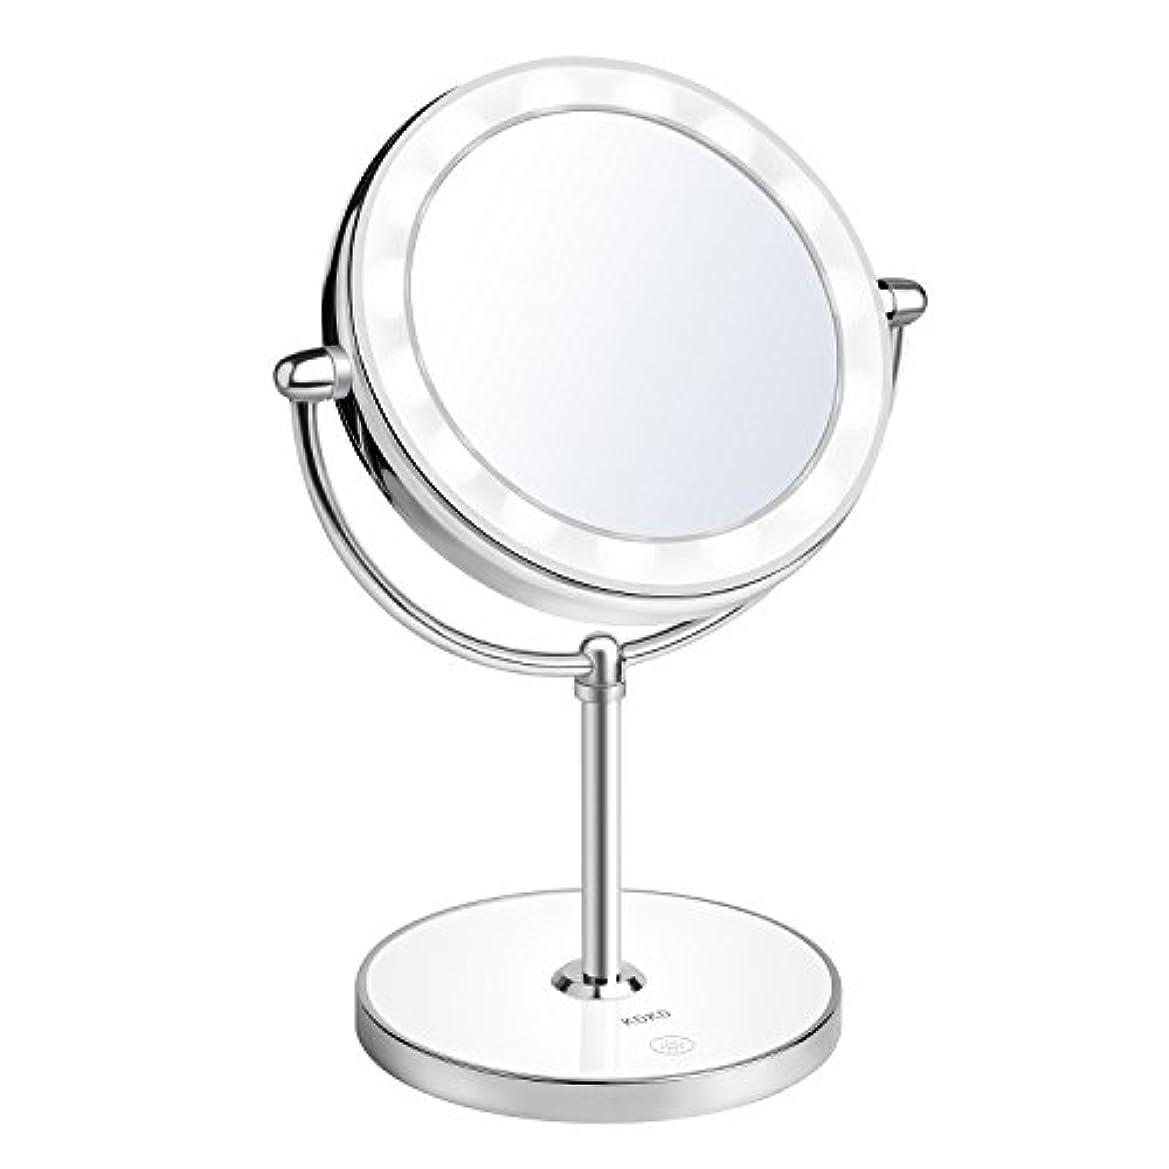 歴史ラッカス無しKDKD LED光る ライト付き化粧鏡 回転式 1X 及び7倍率ミラー タッチ制御で調光可能 ライト付きメイクアップミラー コードレス 卓上鏡  スタンドミラー 充電式両面化粧鏡 銀色